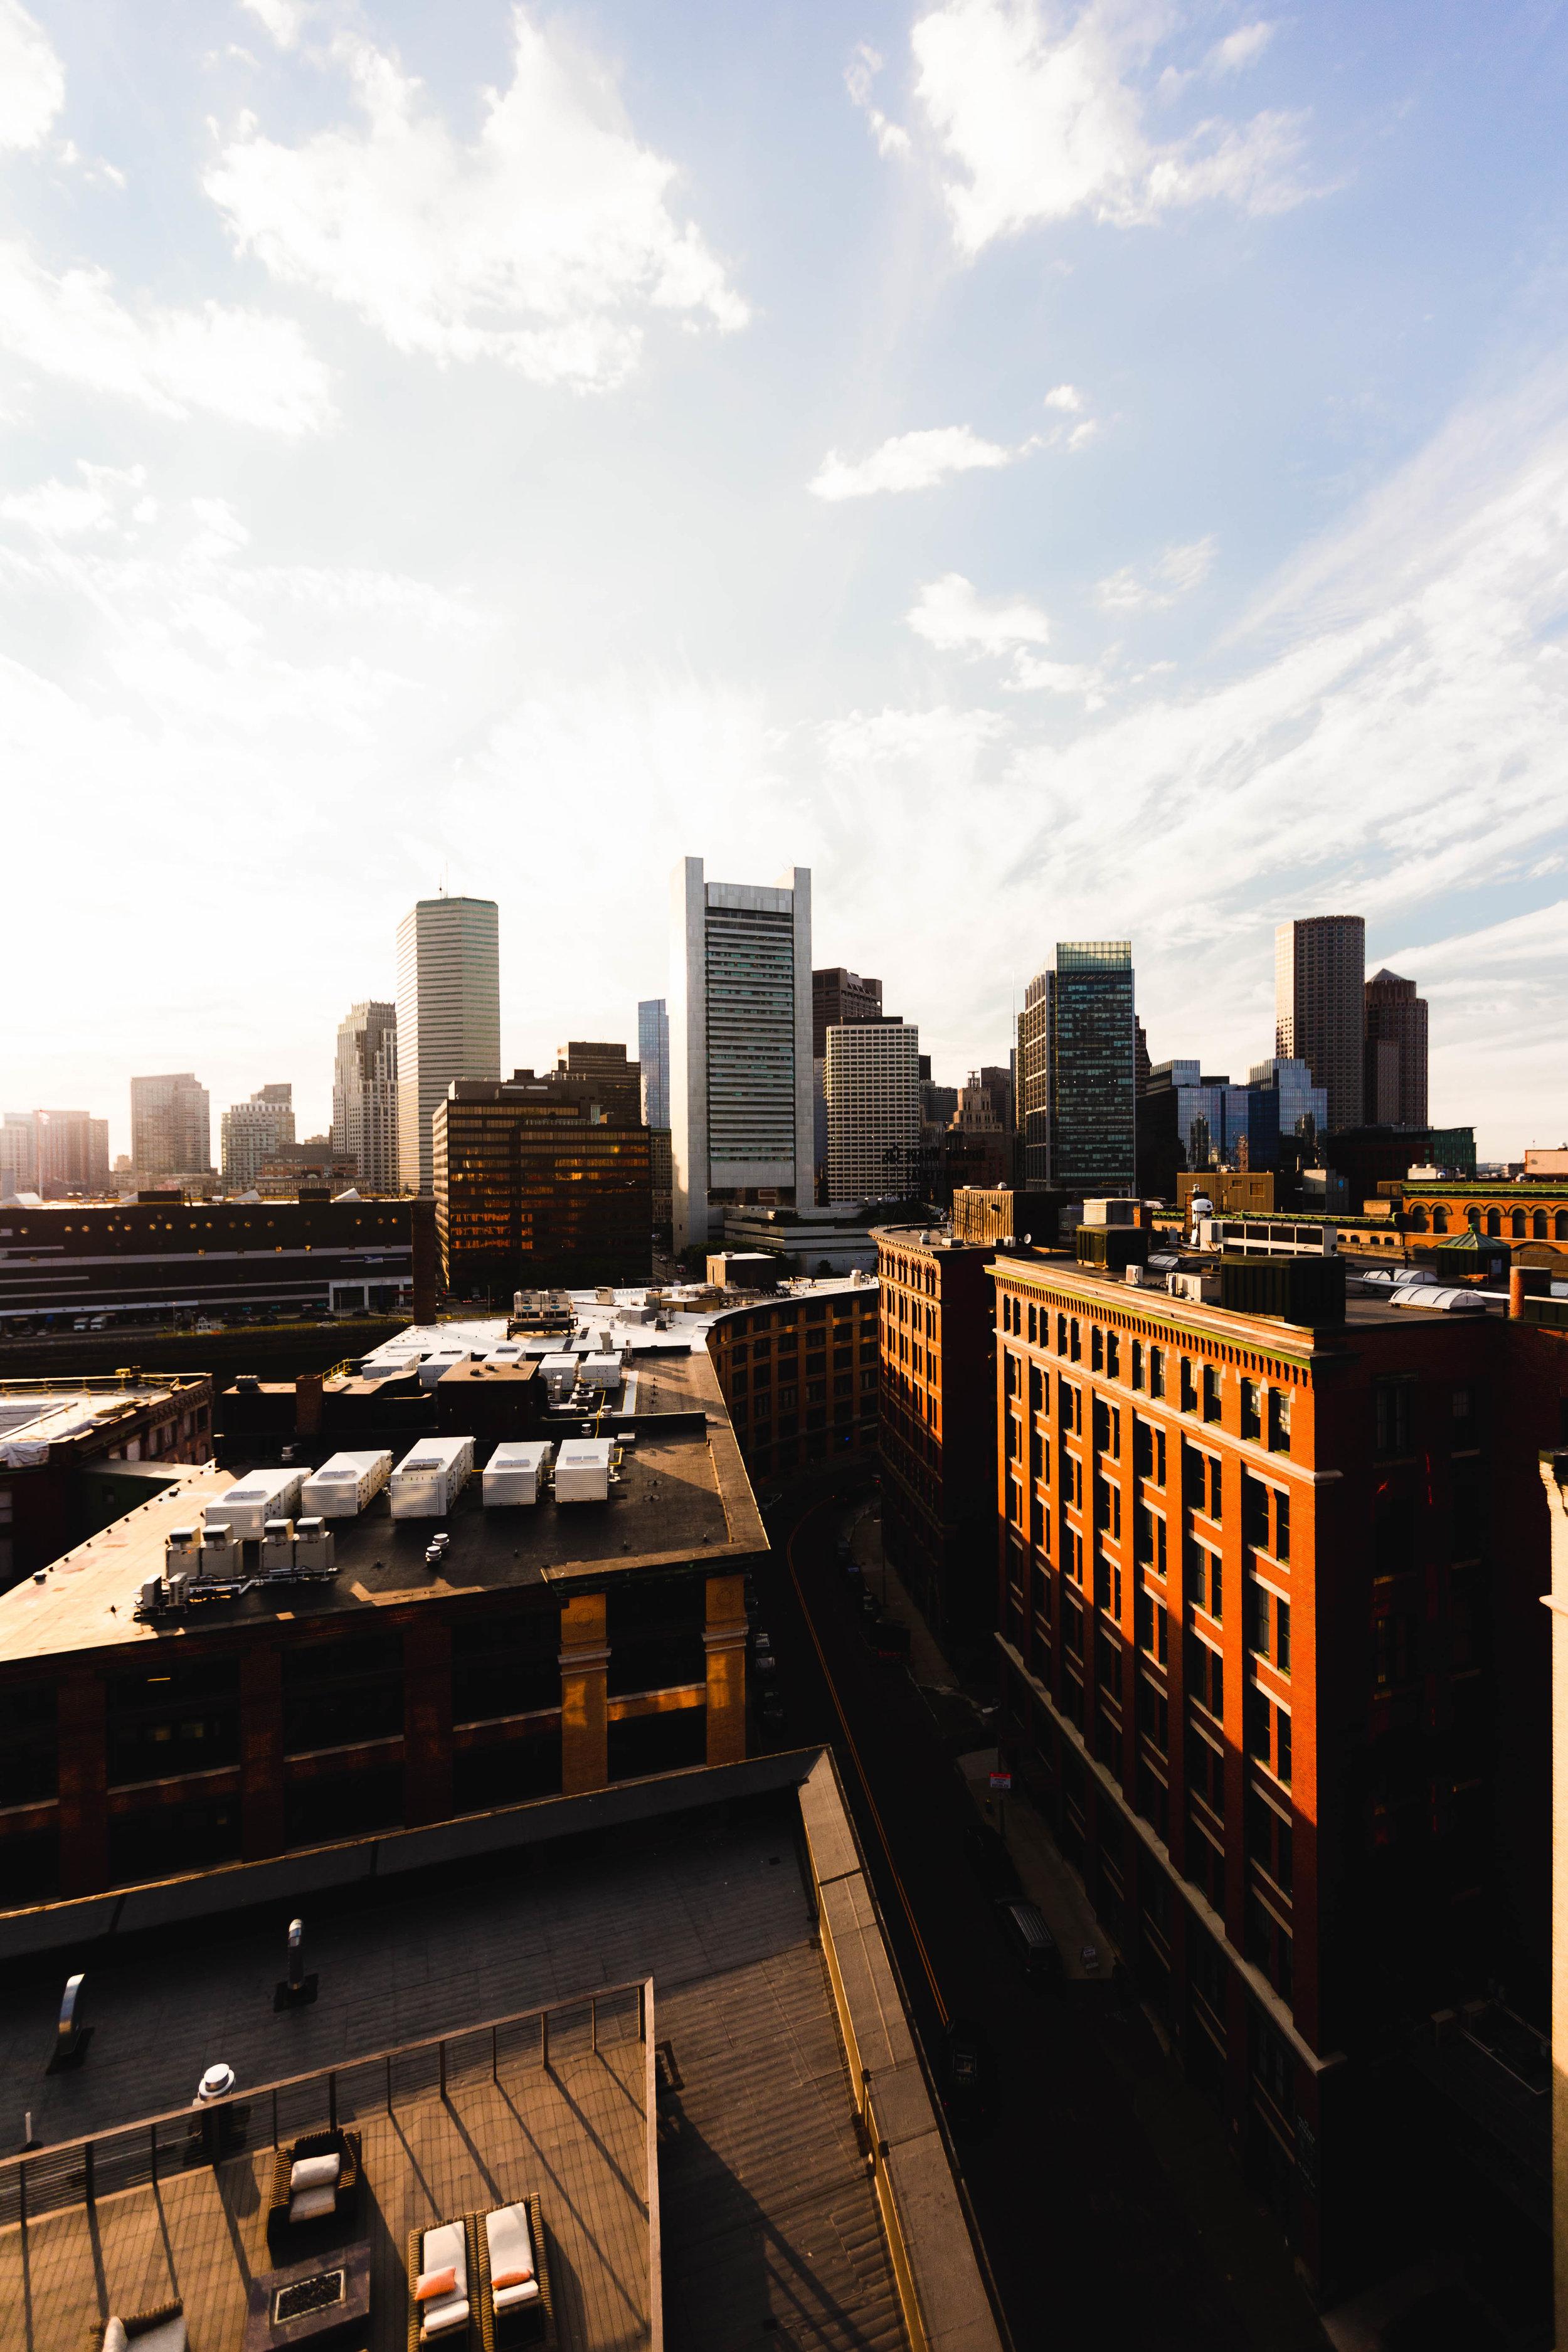 @cpviews - Seaport District, Boston, MA